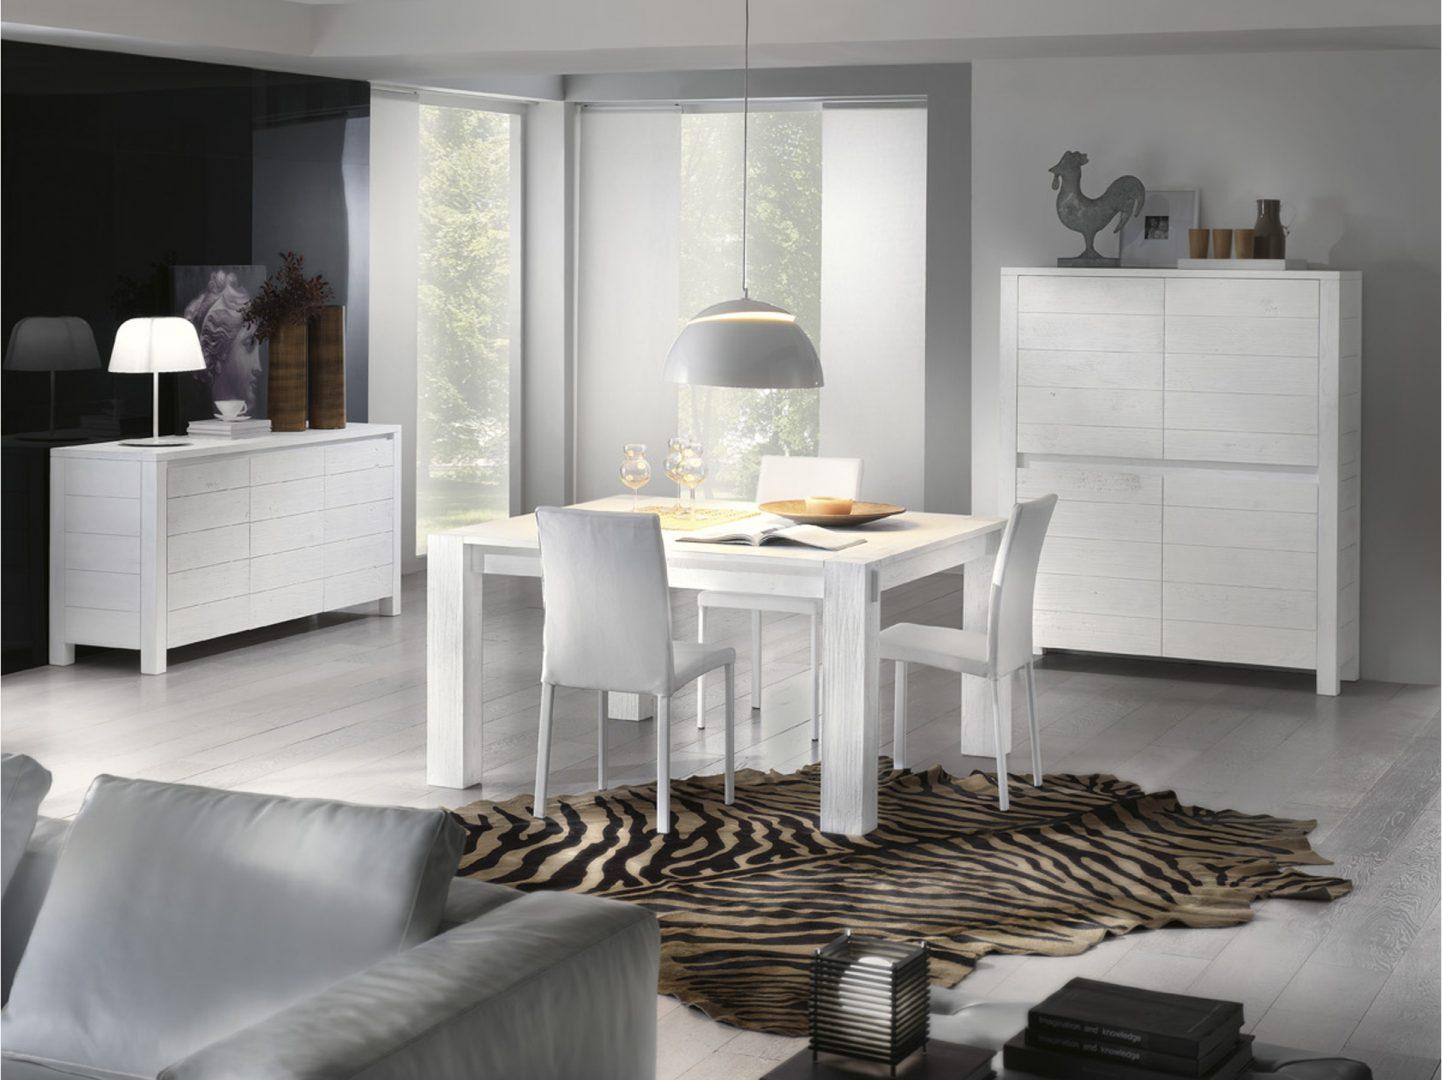 Decoracin tnica minimalista blanca  Imgenes y fotos